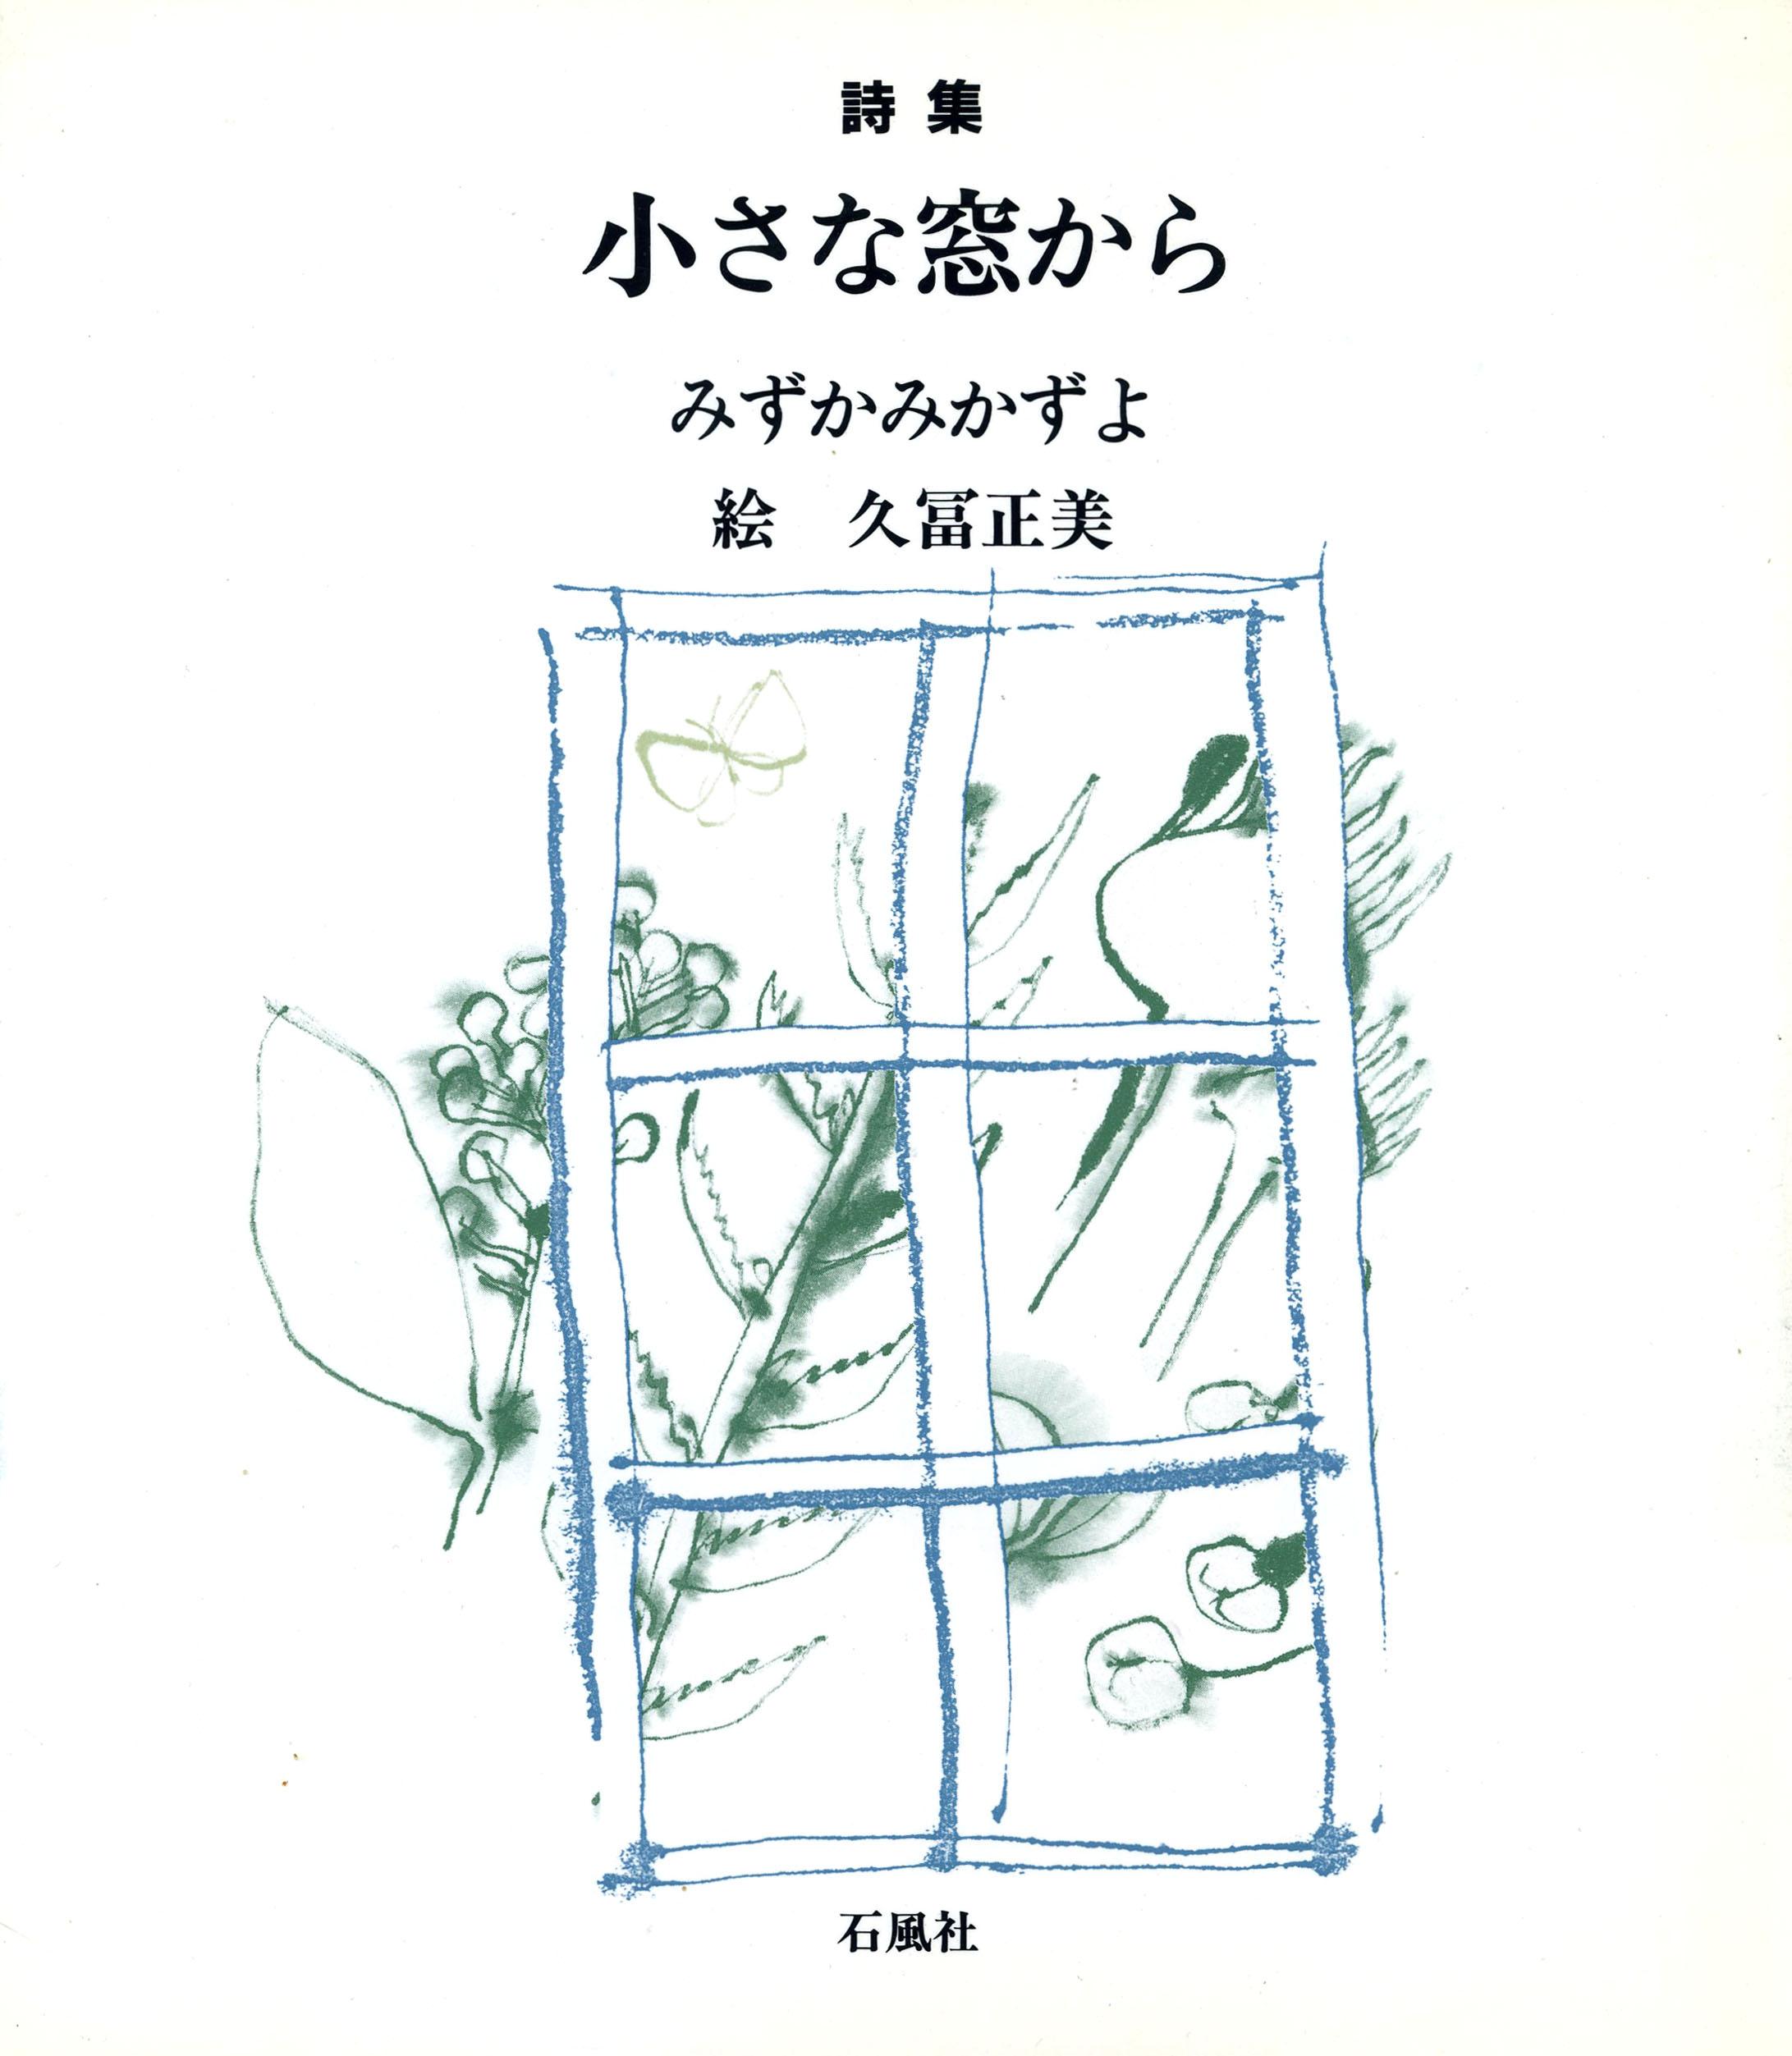 小さな窓から みずかみかずよ 久冨正美 石風社 椋鳩十 詩集 教科書 詩 児童 教科書